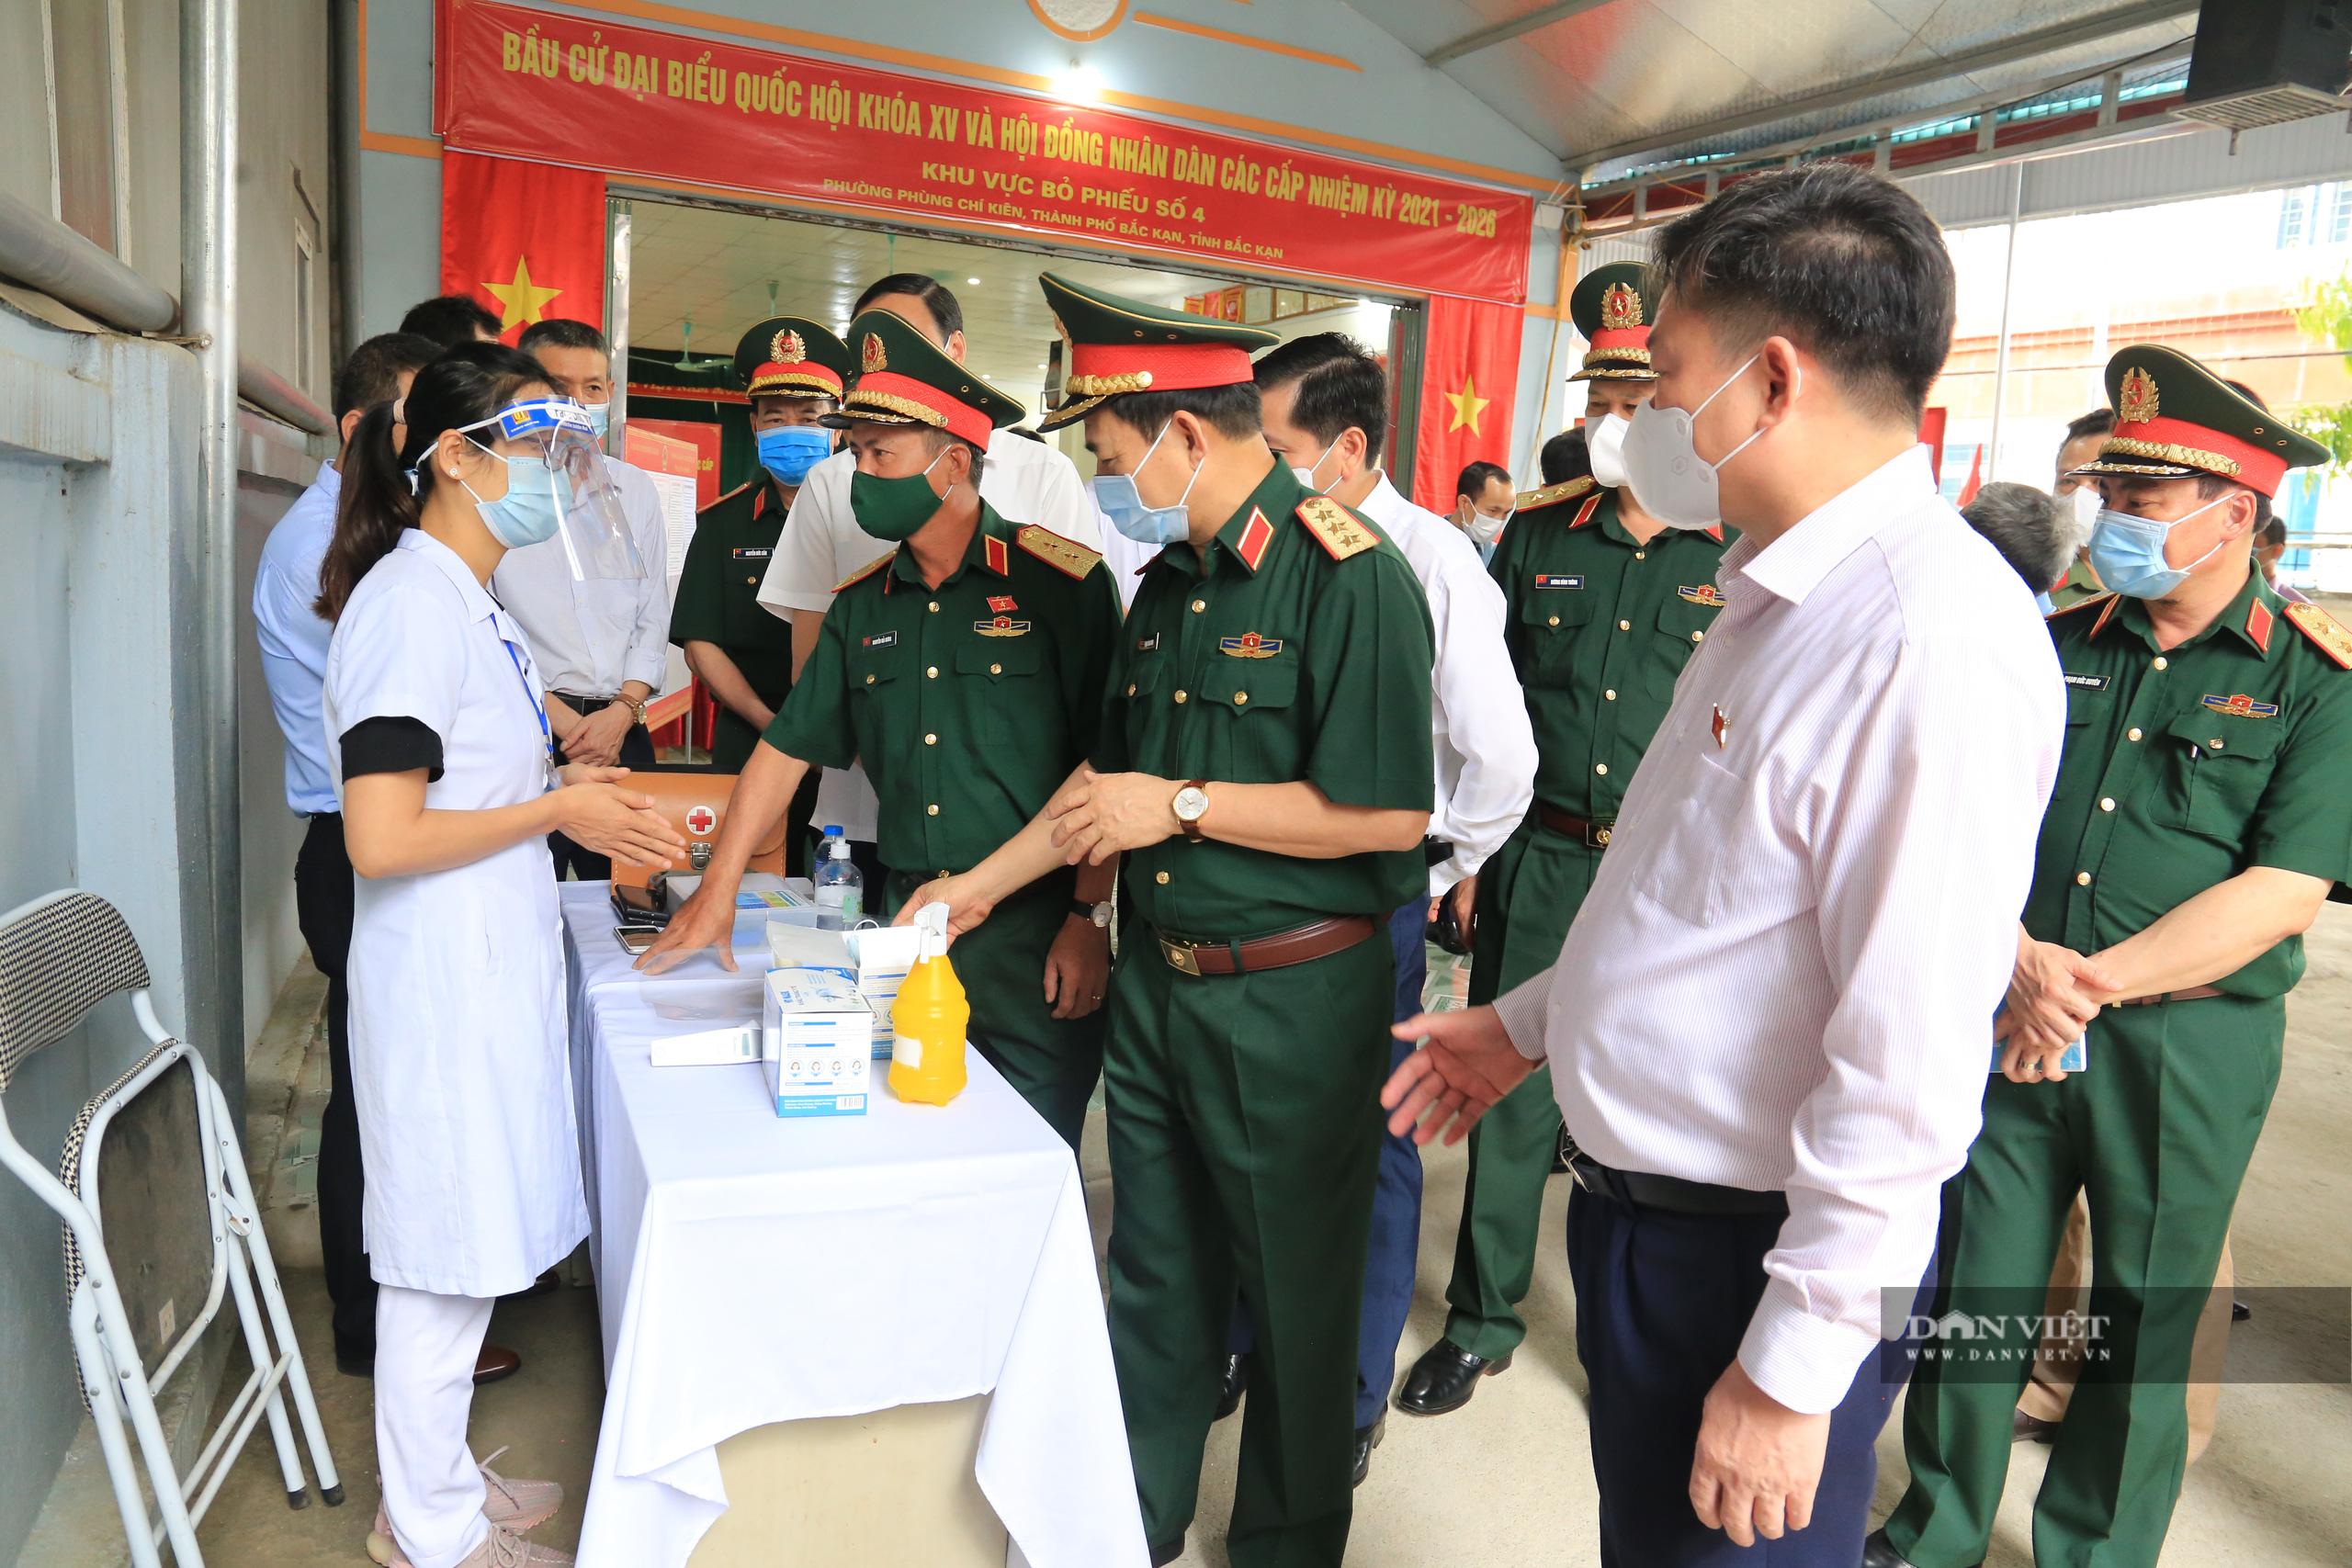 Bắc Kạn: Bộ trưởng Bộ Quốc phòng kiểm tra công tác bầu cử - Ảnh 2.